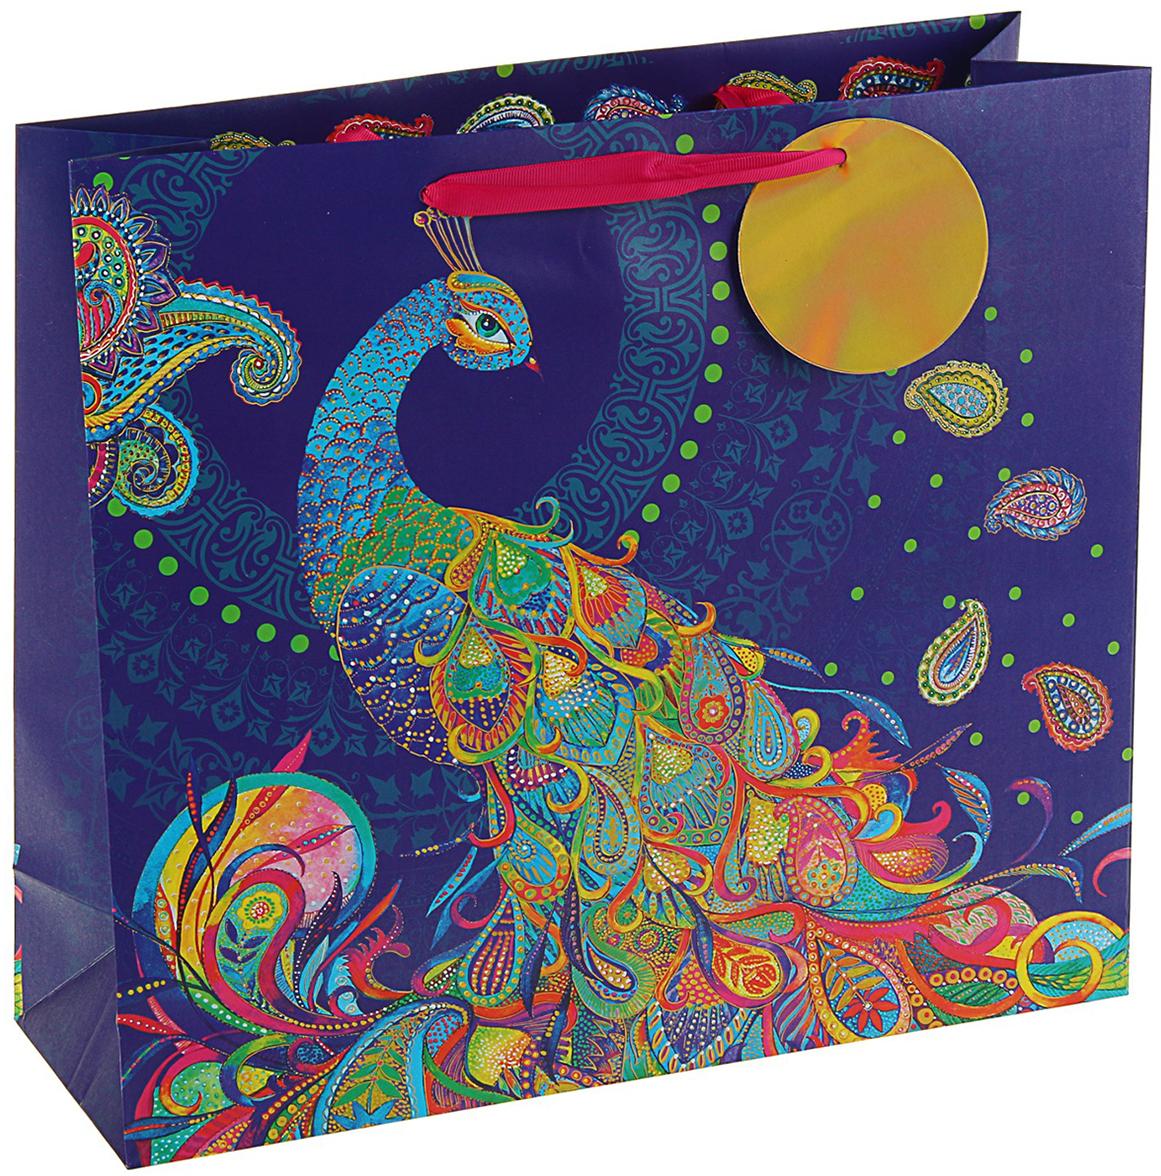 Пакет подарочный Арт и Дизайн Люкс. Райская птица, цвет: мультиколор, 32 х 36 х 12 см. 3092257 пакет подарочный арт и дизайн вояж цвет мультиколор 36 х 26 х 11 5 см 3092217